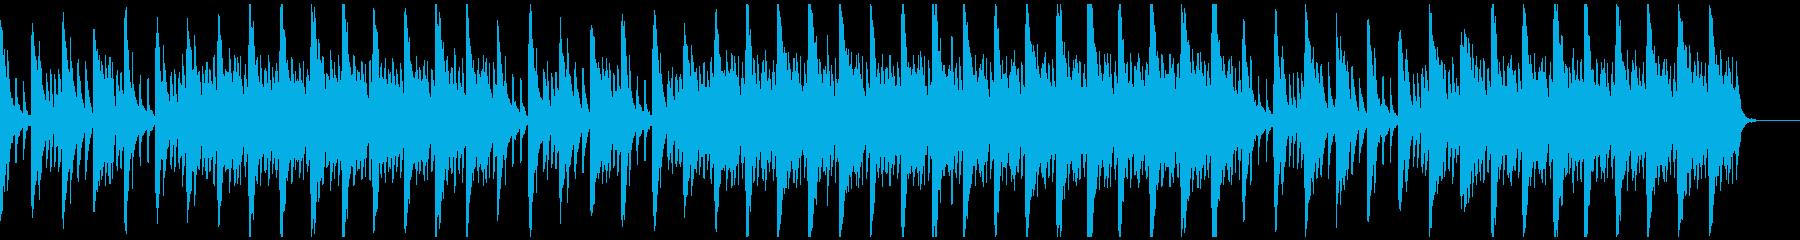 メロディとコードのシンプルなピアノ3の再生済みの波形